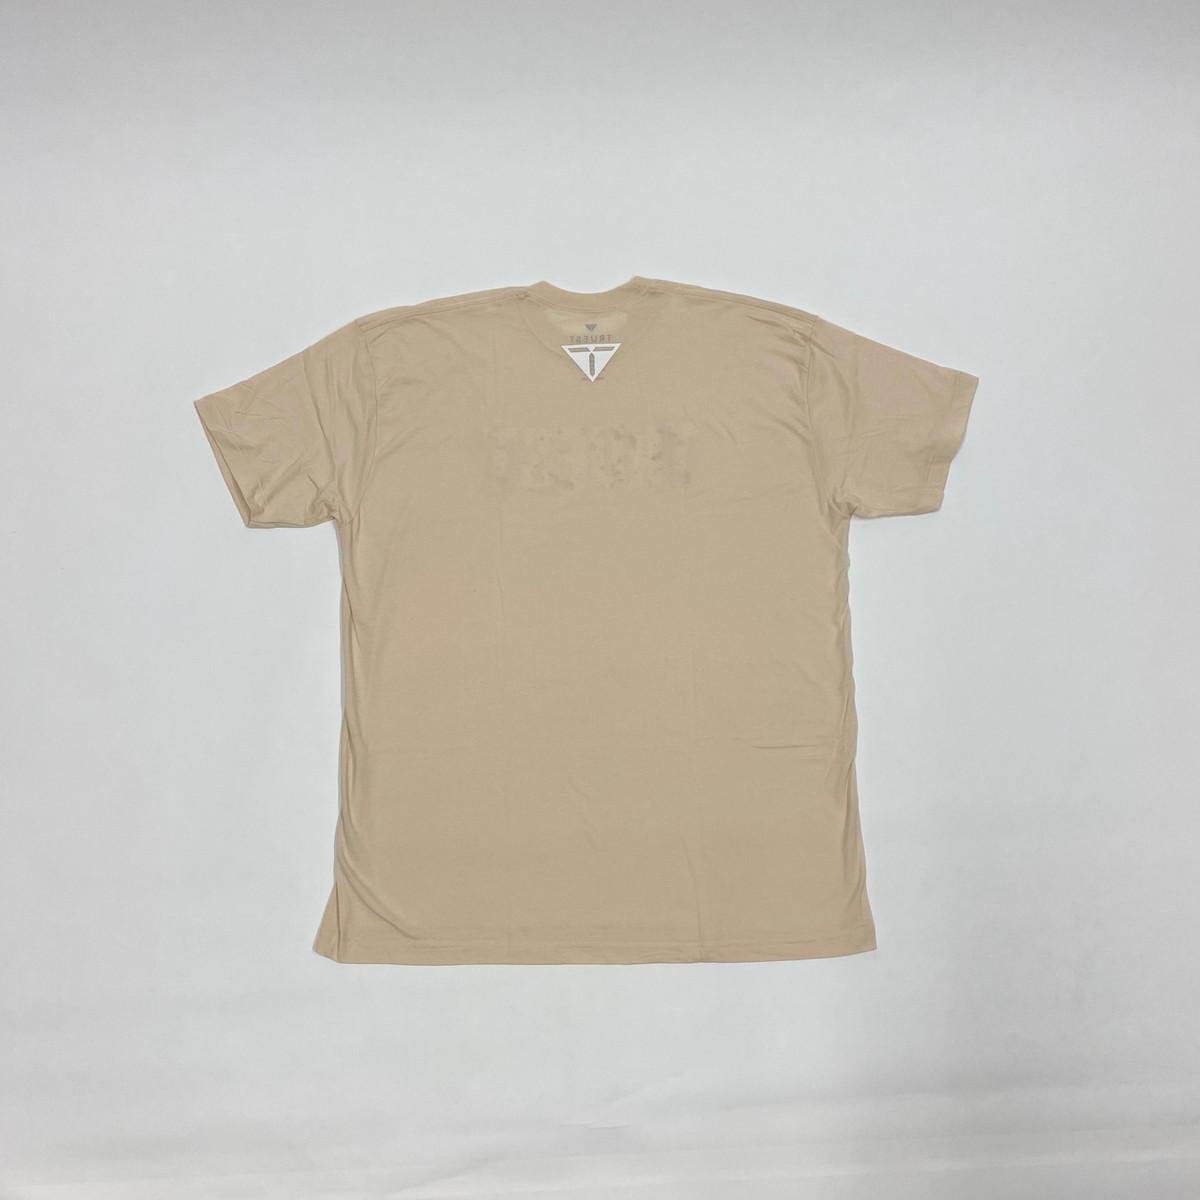 Truest Hibiscus T-shirt Beige